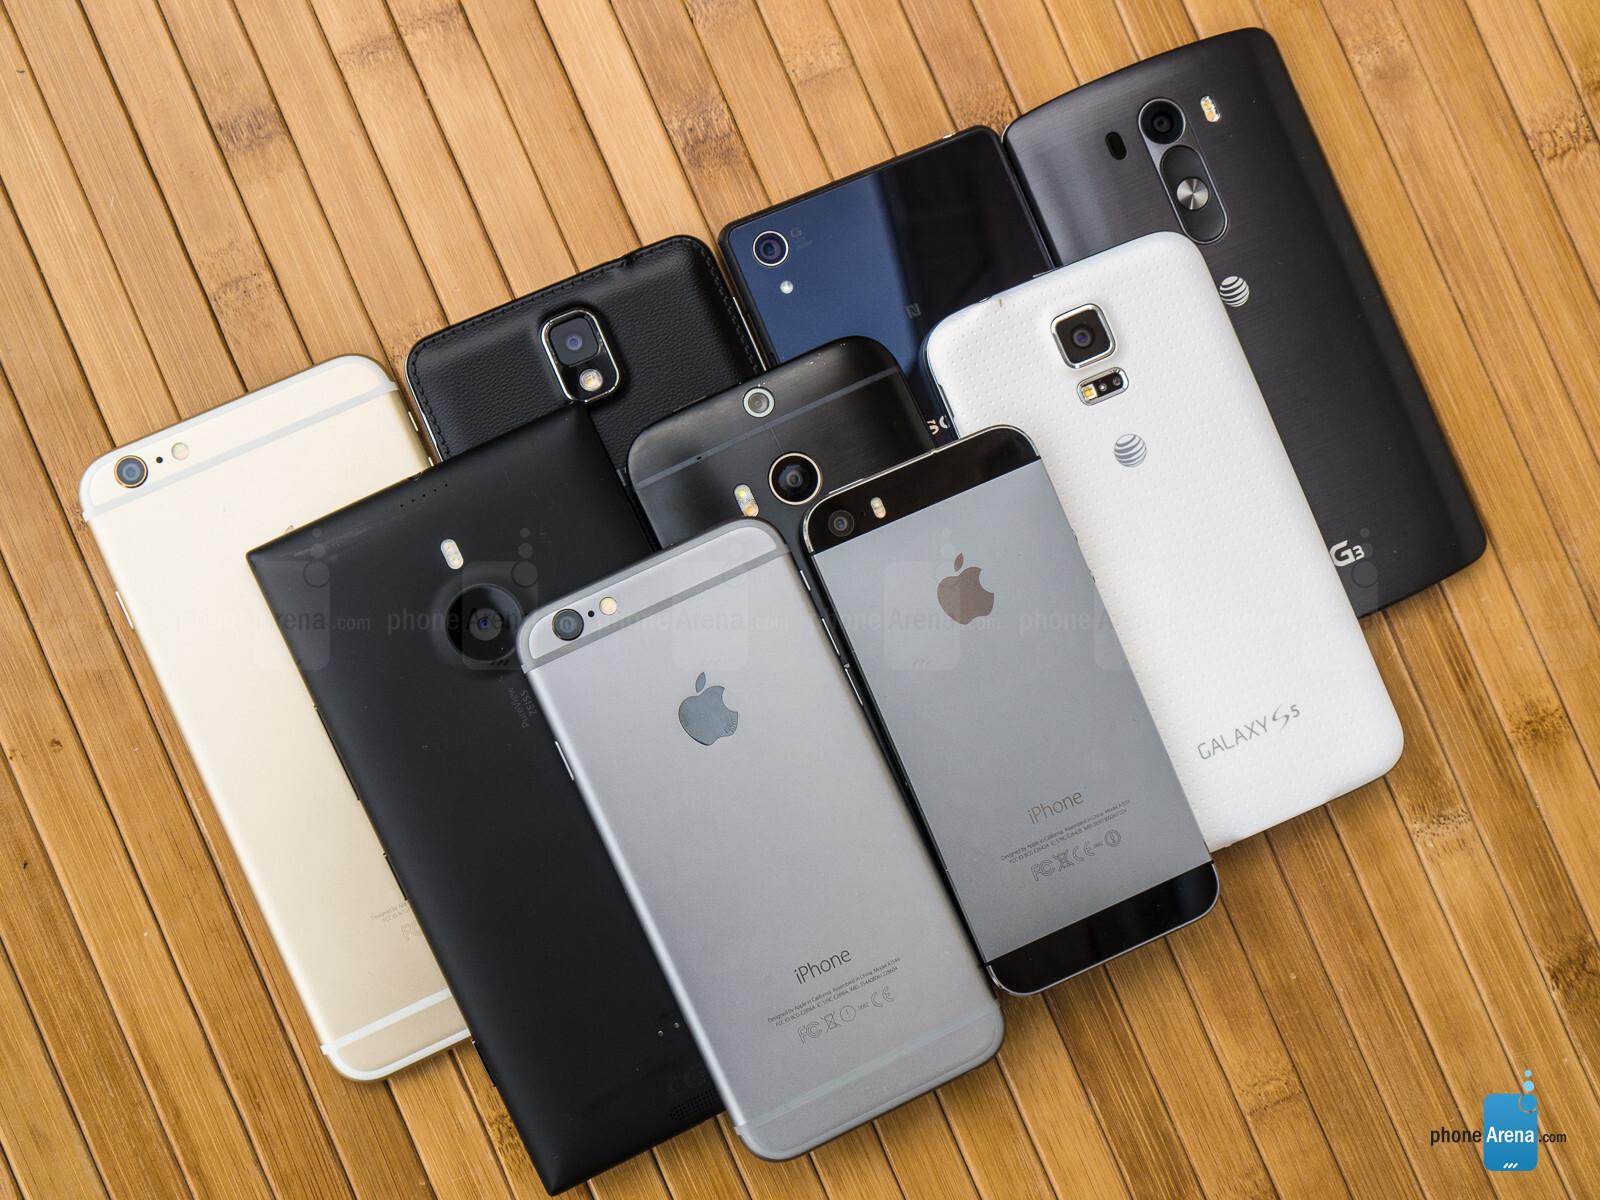 Iphone 5s Camera vs Iphone 6 Plus Camera Comparison Iphone 6